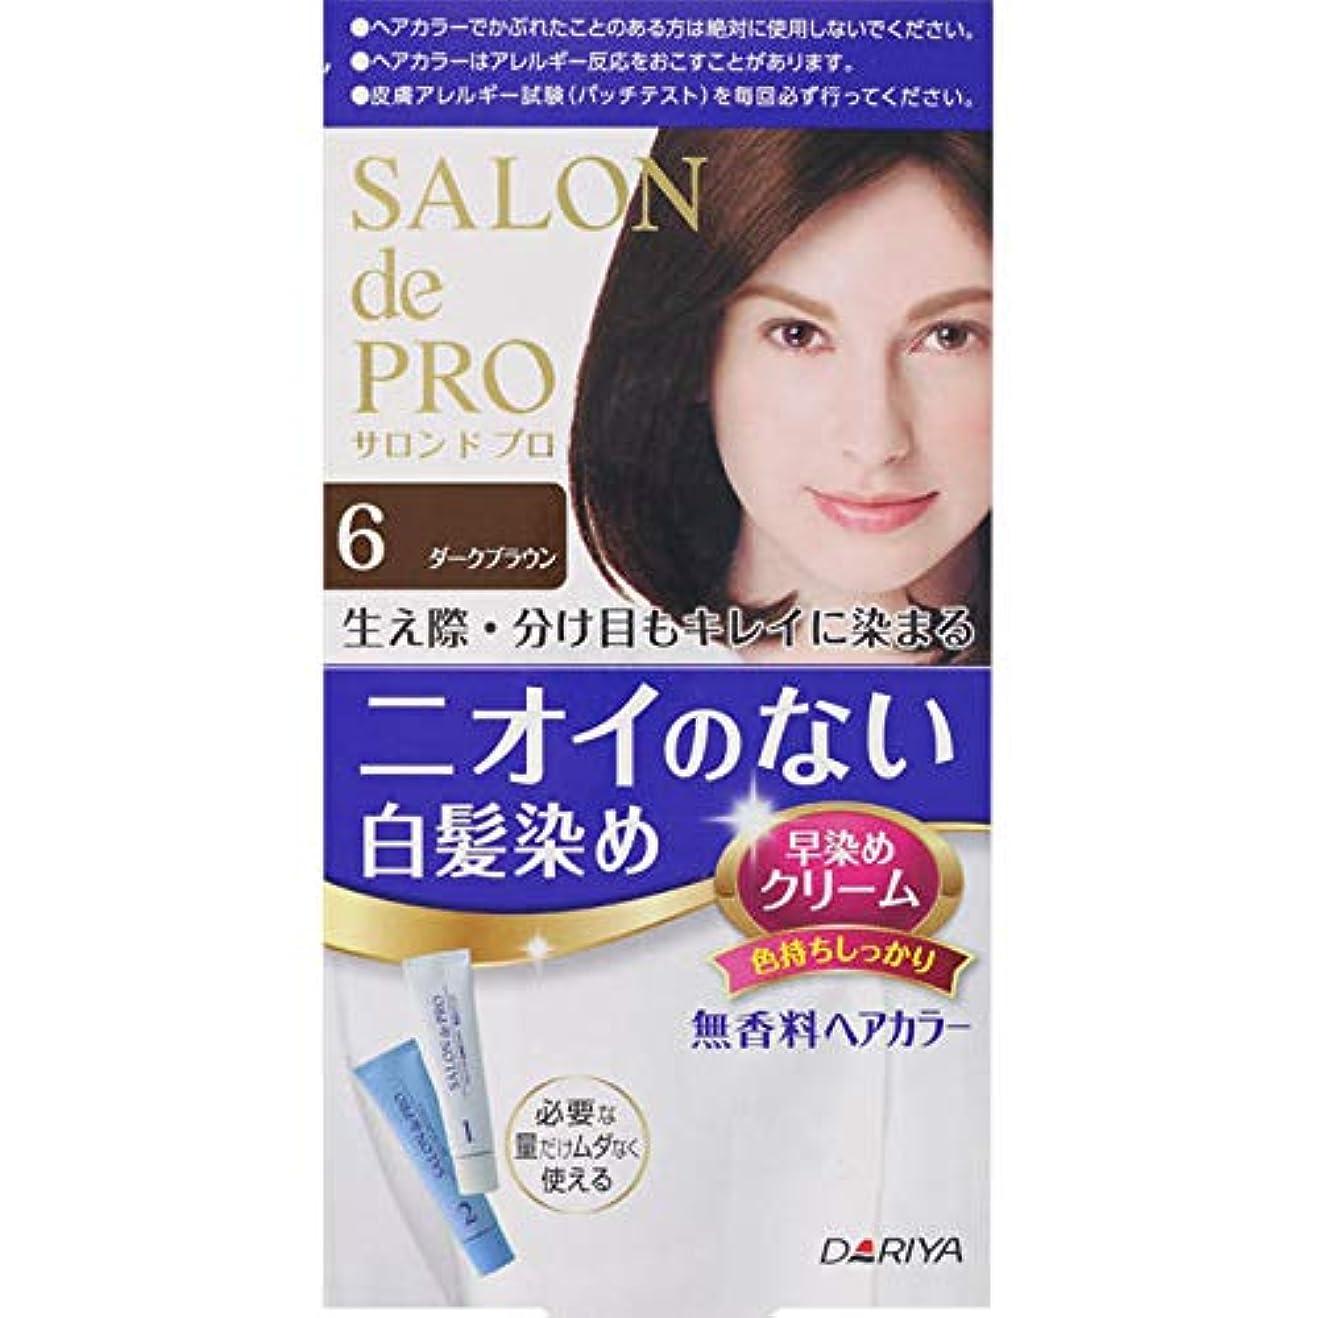 何でも残るいじめっ子ダリヤ サロン ド プロ 無香料ヘアカラー 早染めクリーム(白髪用) 6 ダークブラウン 40g+40g